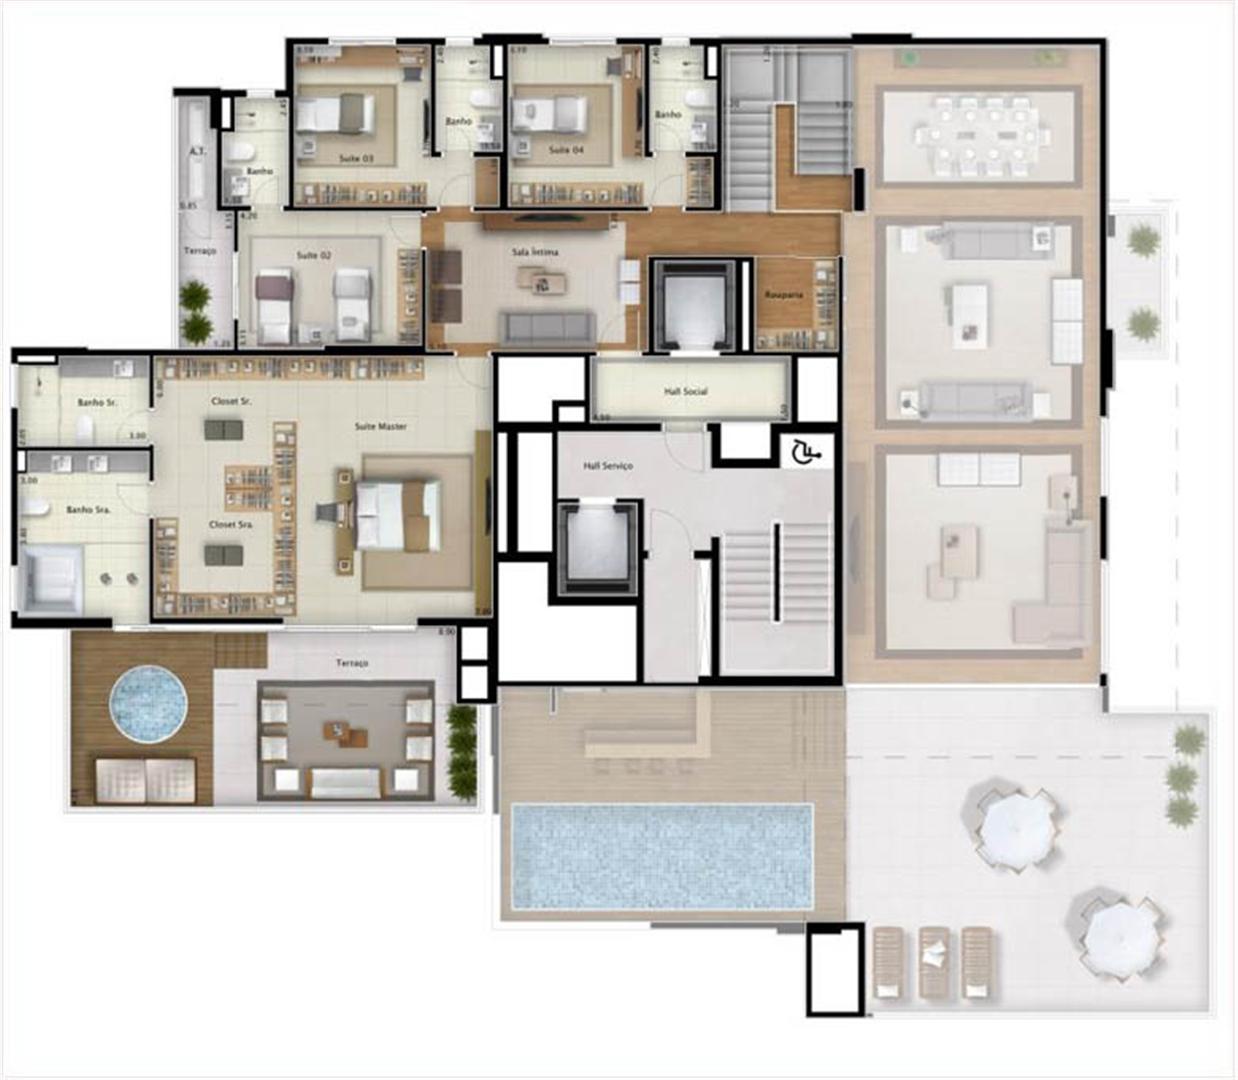 Cobertura Double View 551 m² (pavimento superior) | Mirage Bay – Apartamento em  Umarizal  - Belém - Pará